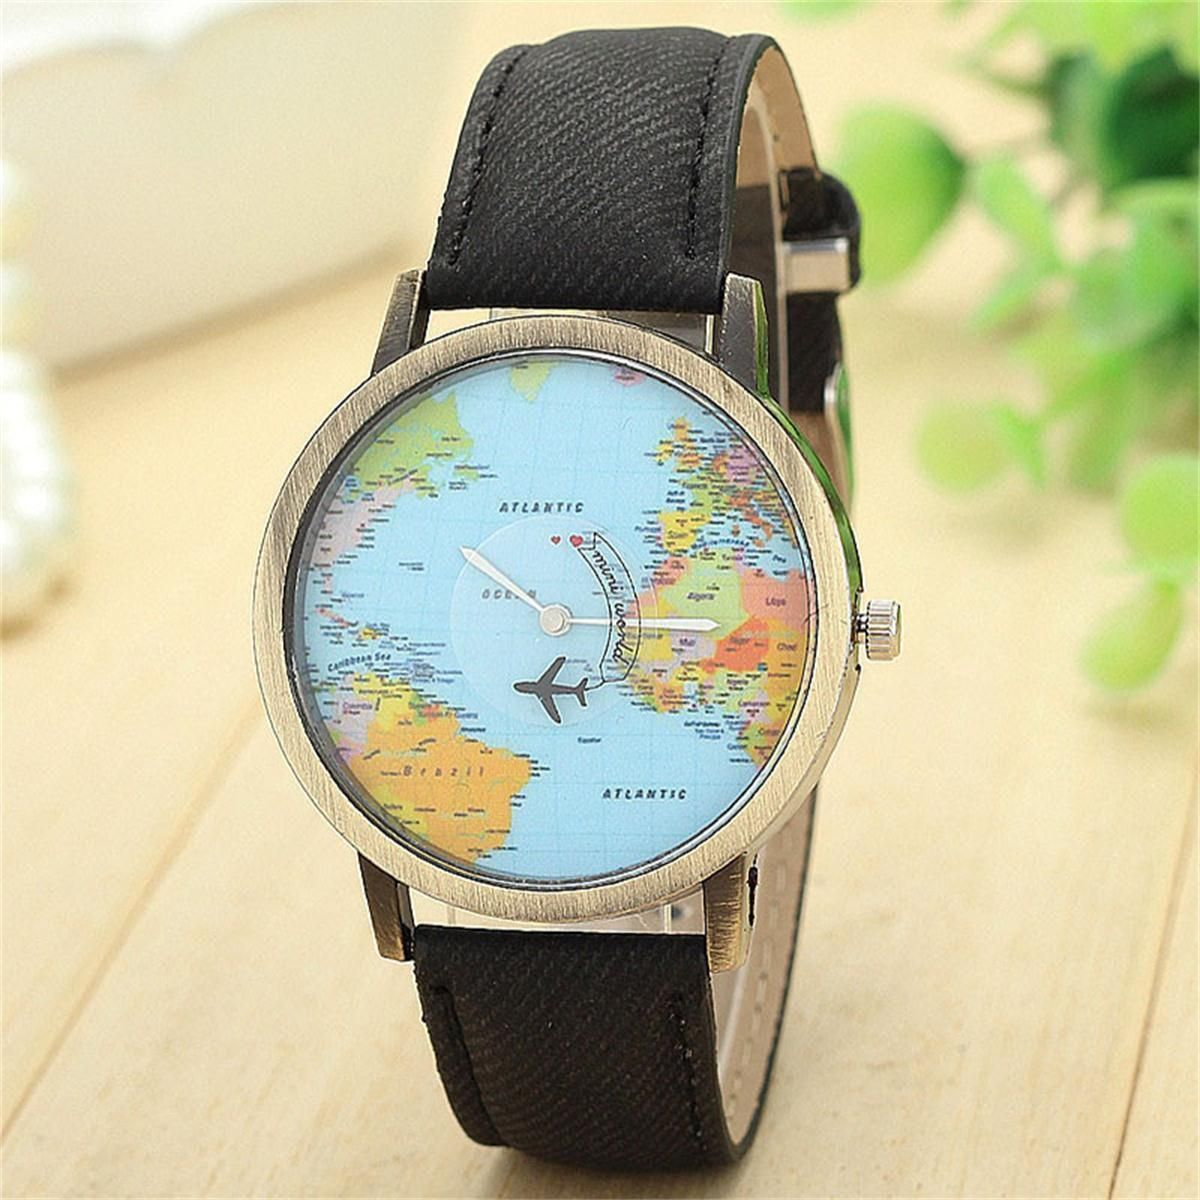 91d5a386340 Dámské náramkové hodinky s mapou světa